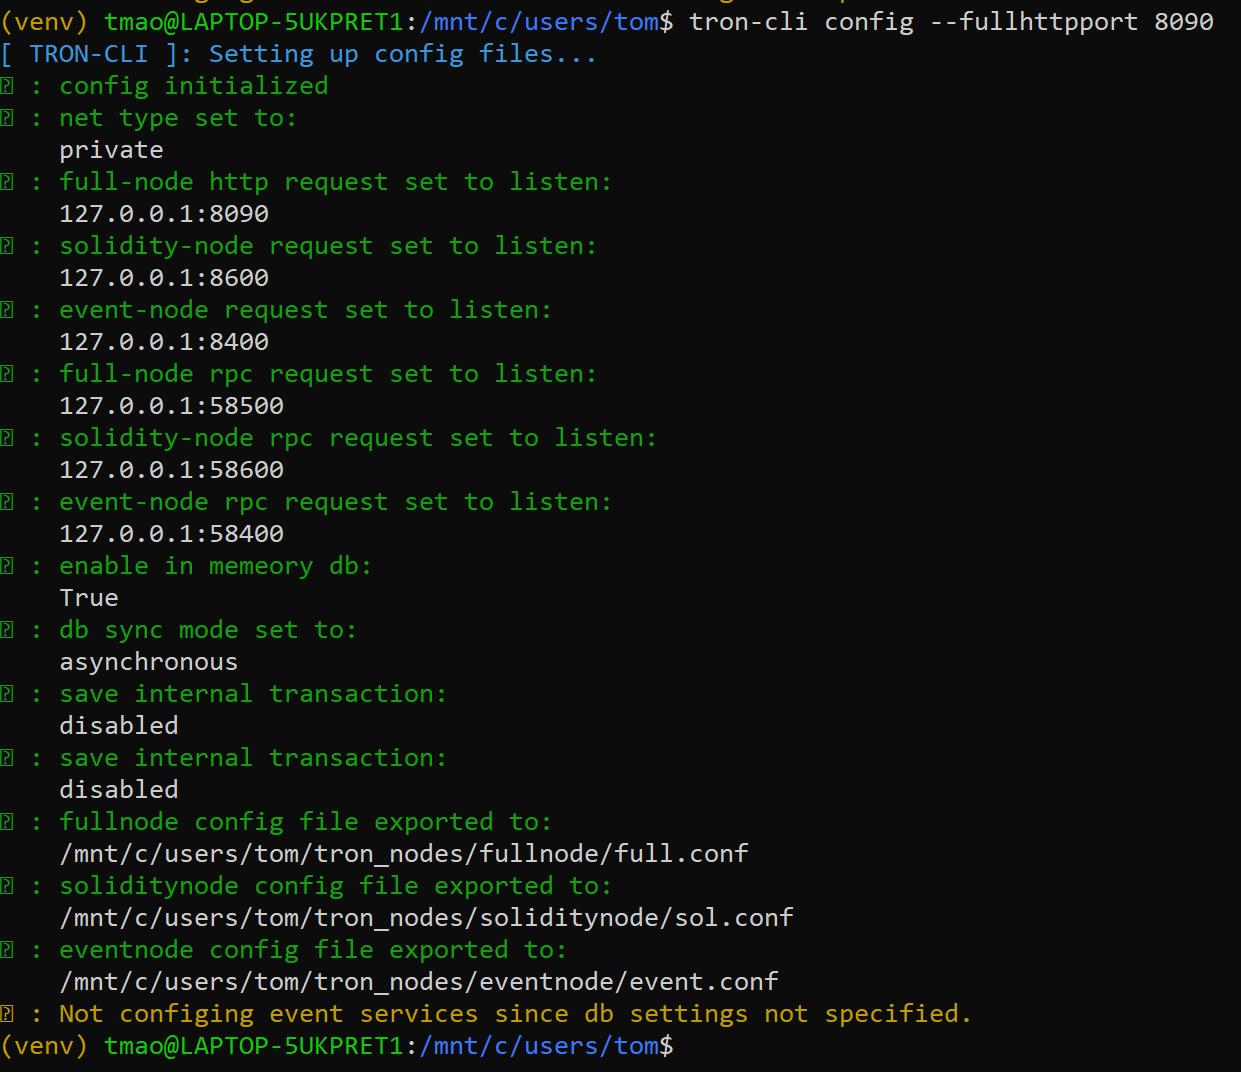 Full Node HTTP port set to 8090